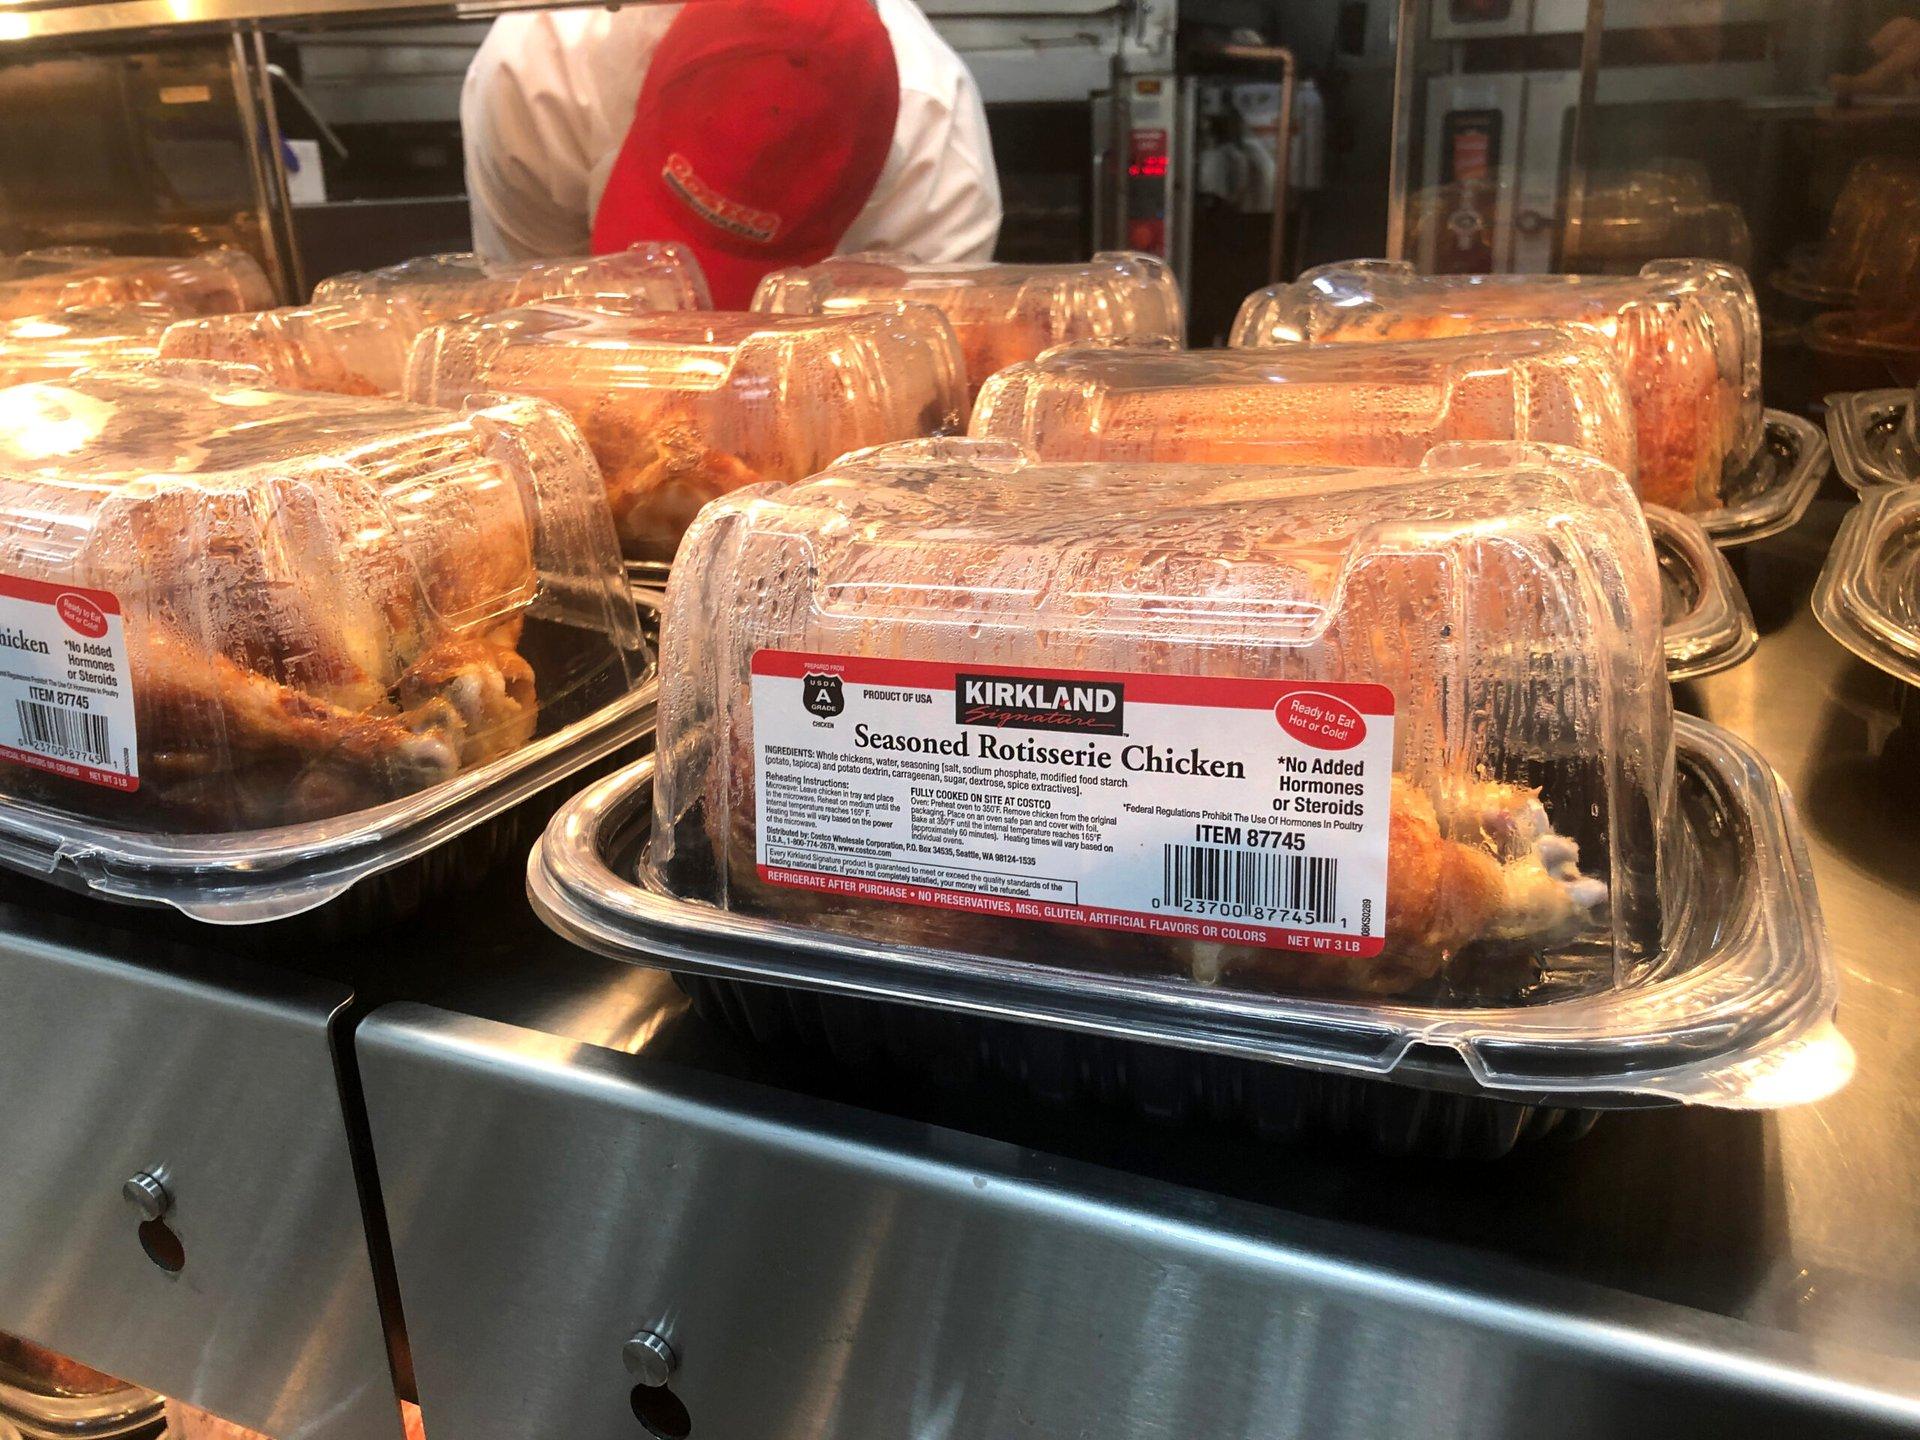 Rotisserie chickens